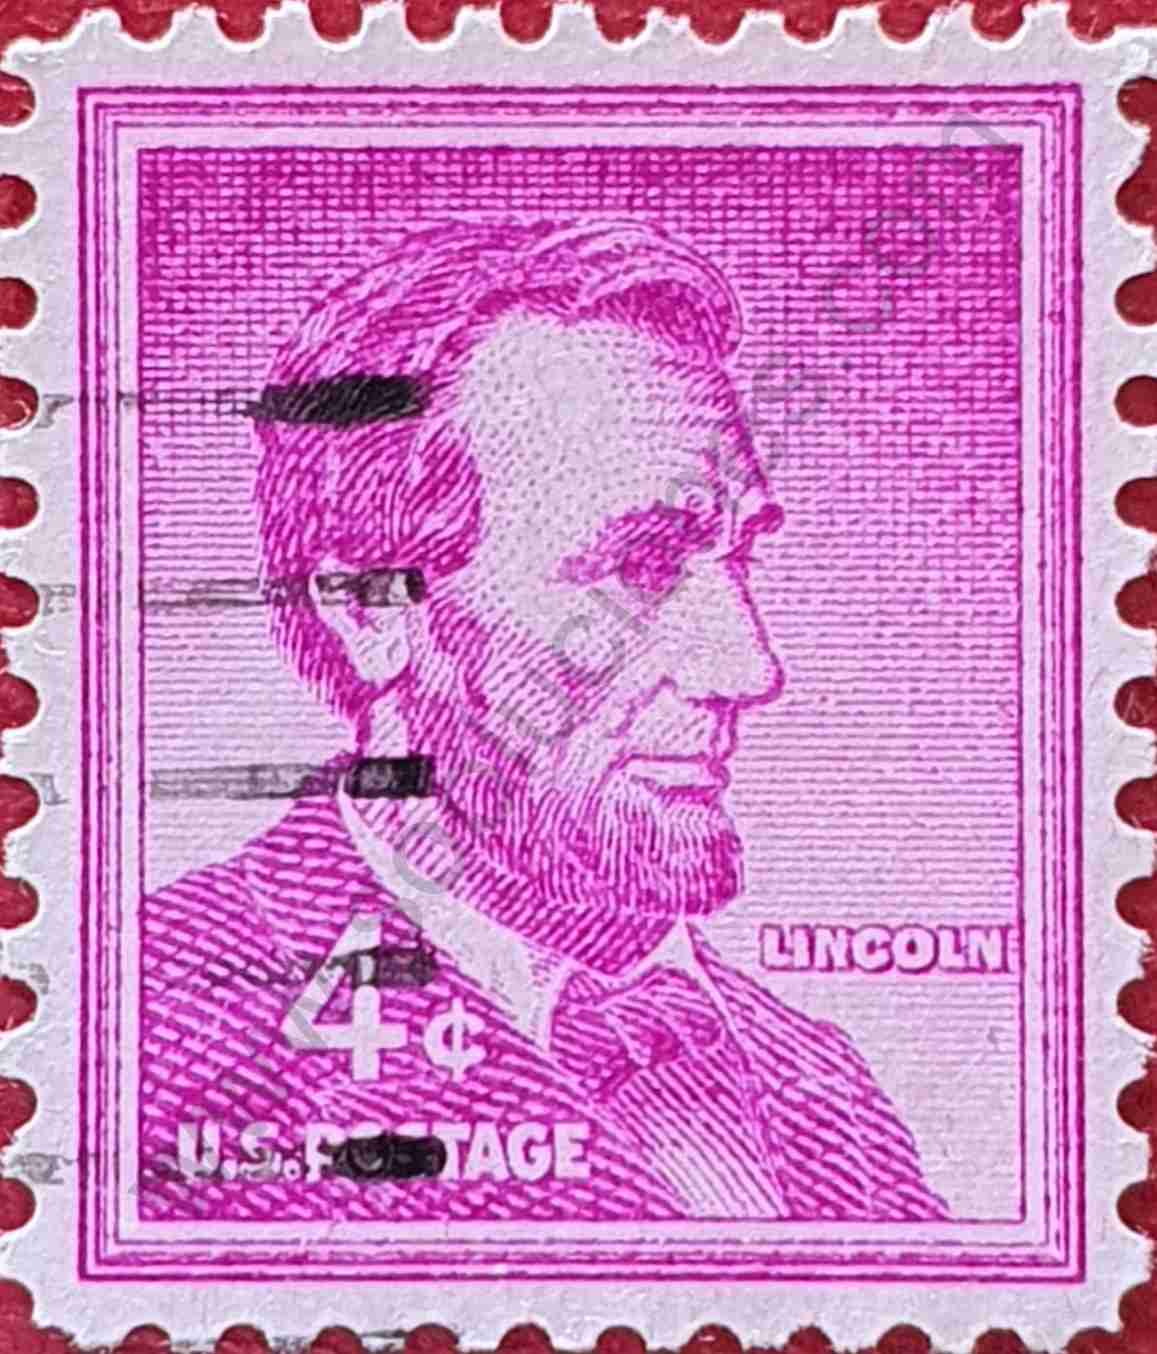 Sello Abraham Lincoln 4c - Estados Unidos 1954